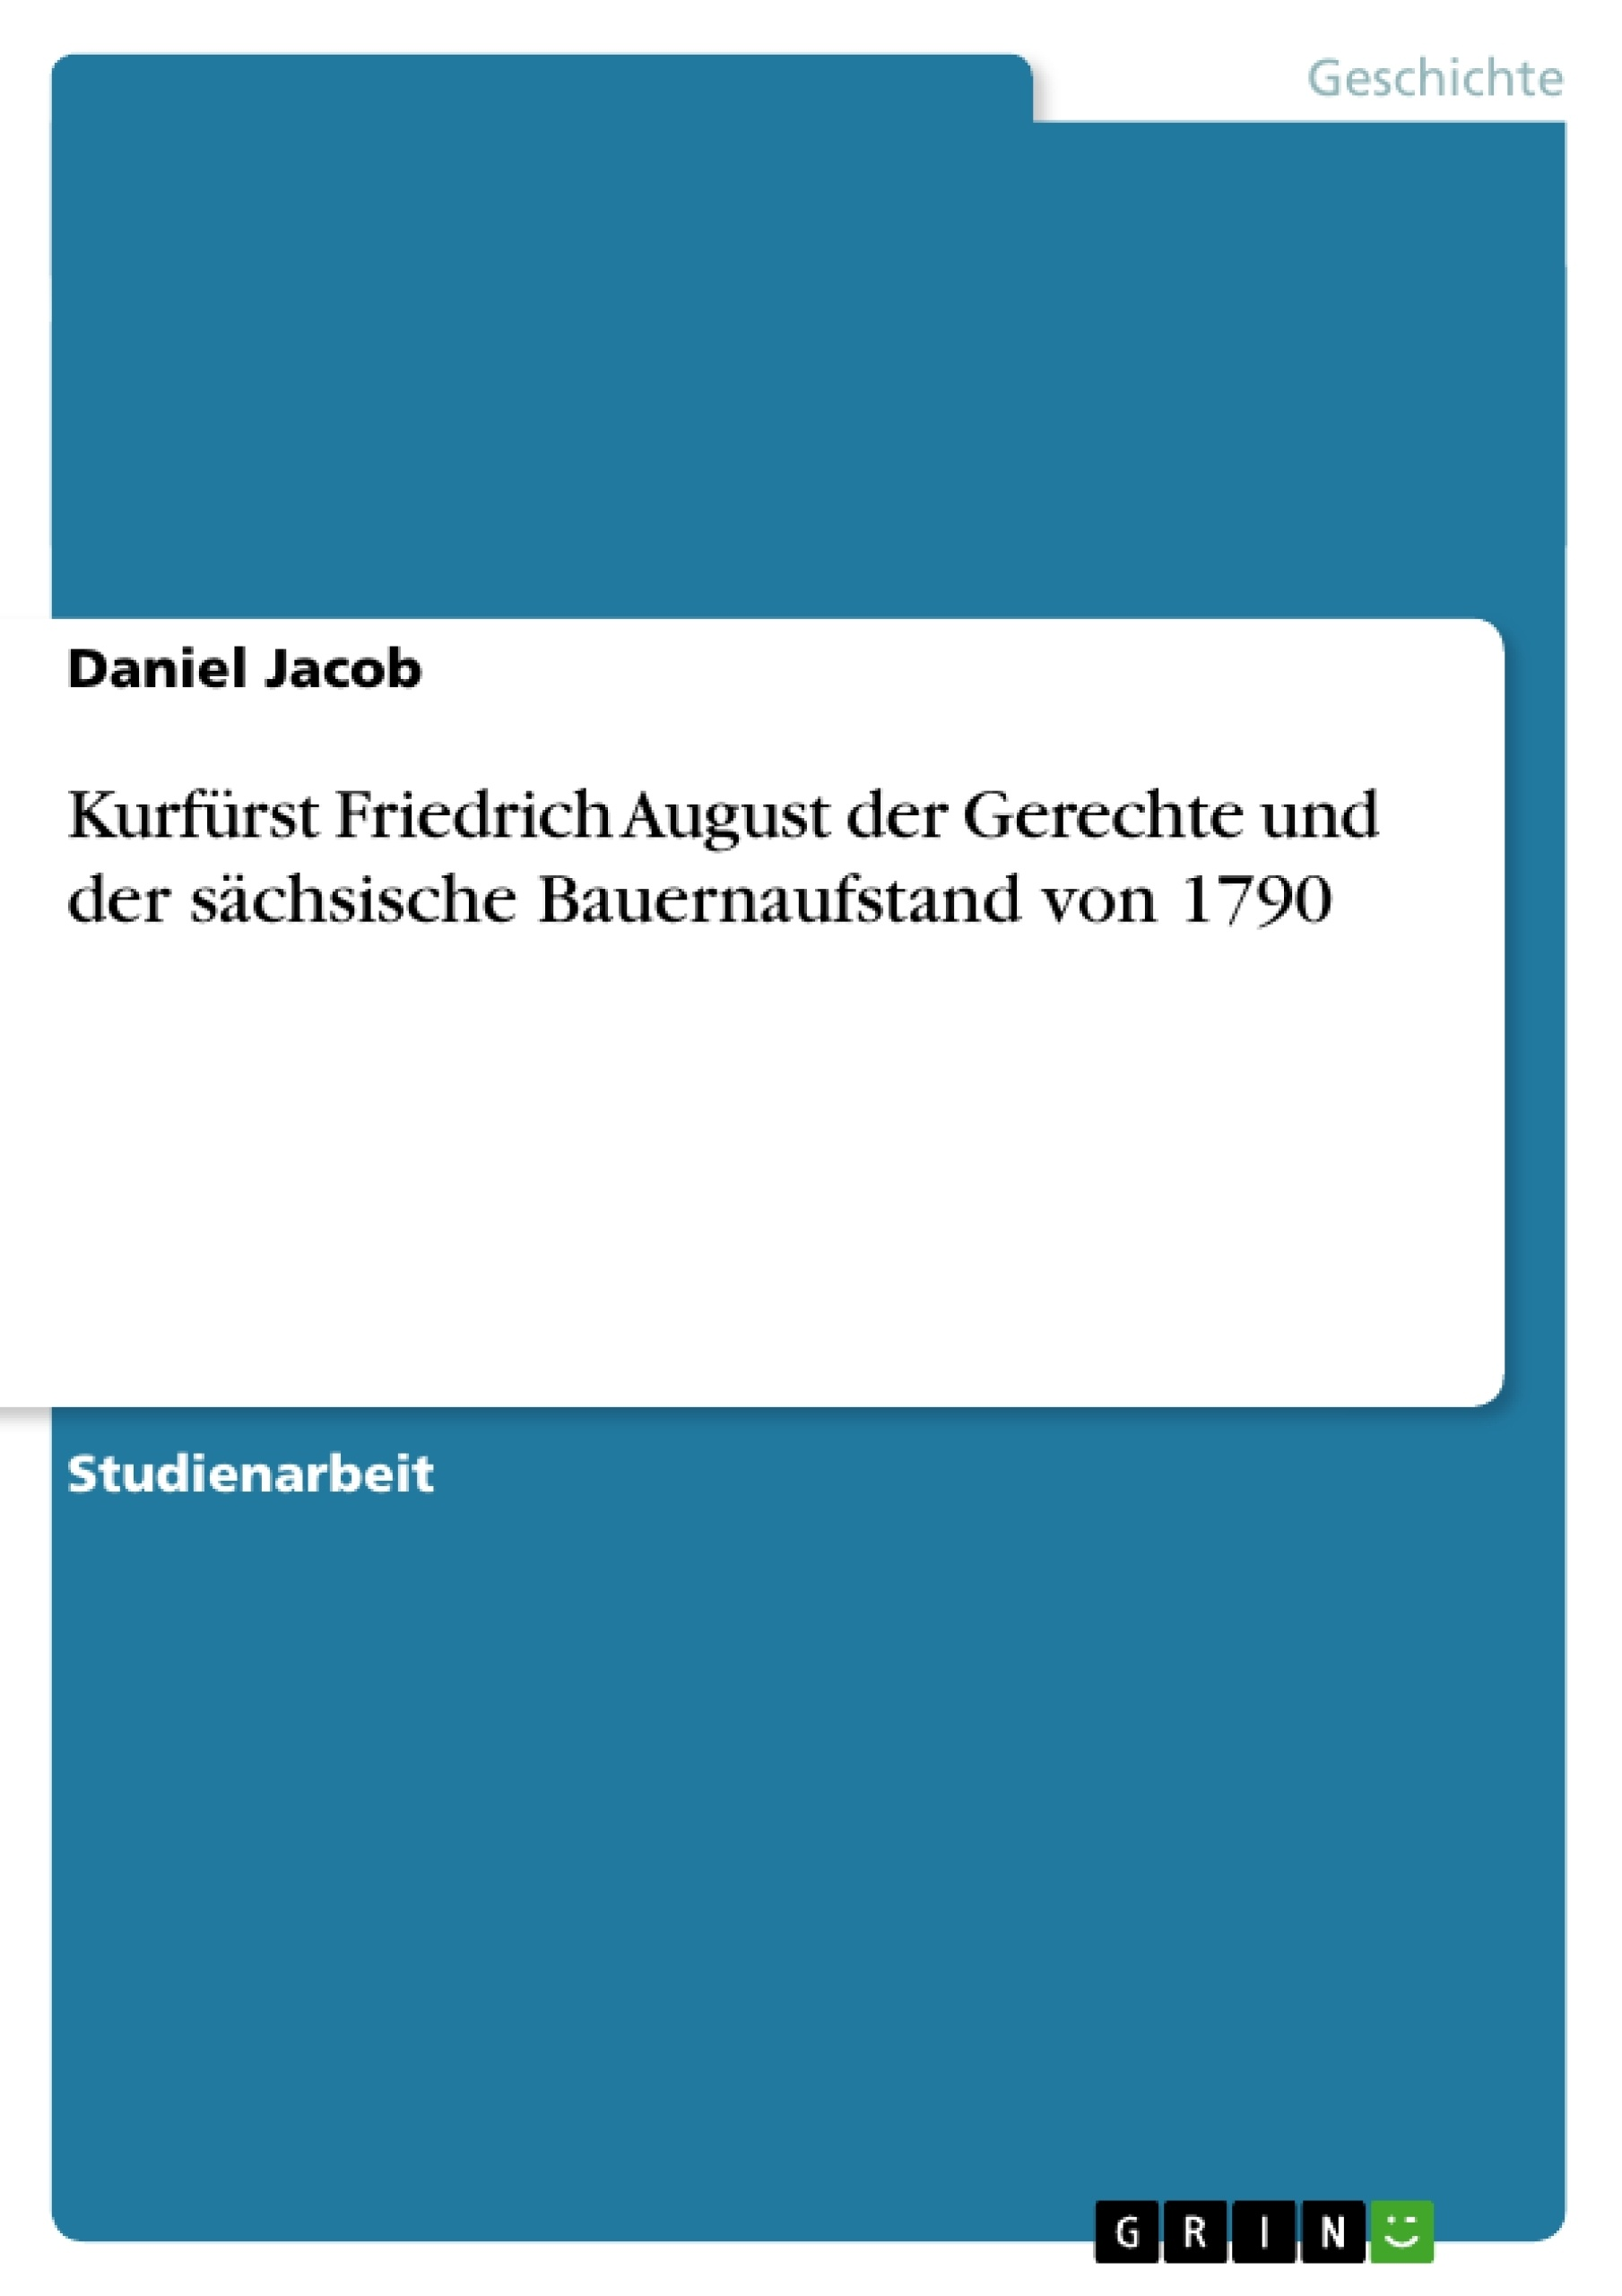 Titel: Kurfürst Friedrich August der Gerechte und der sächsische Bauernaufstand von 1790